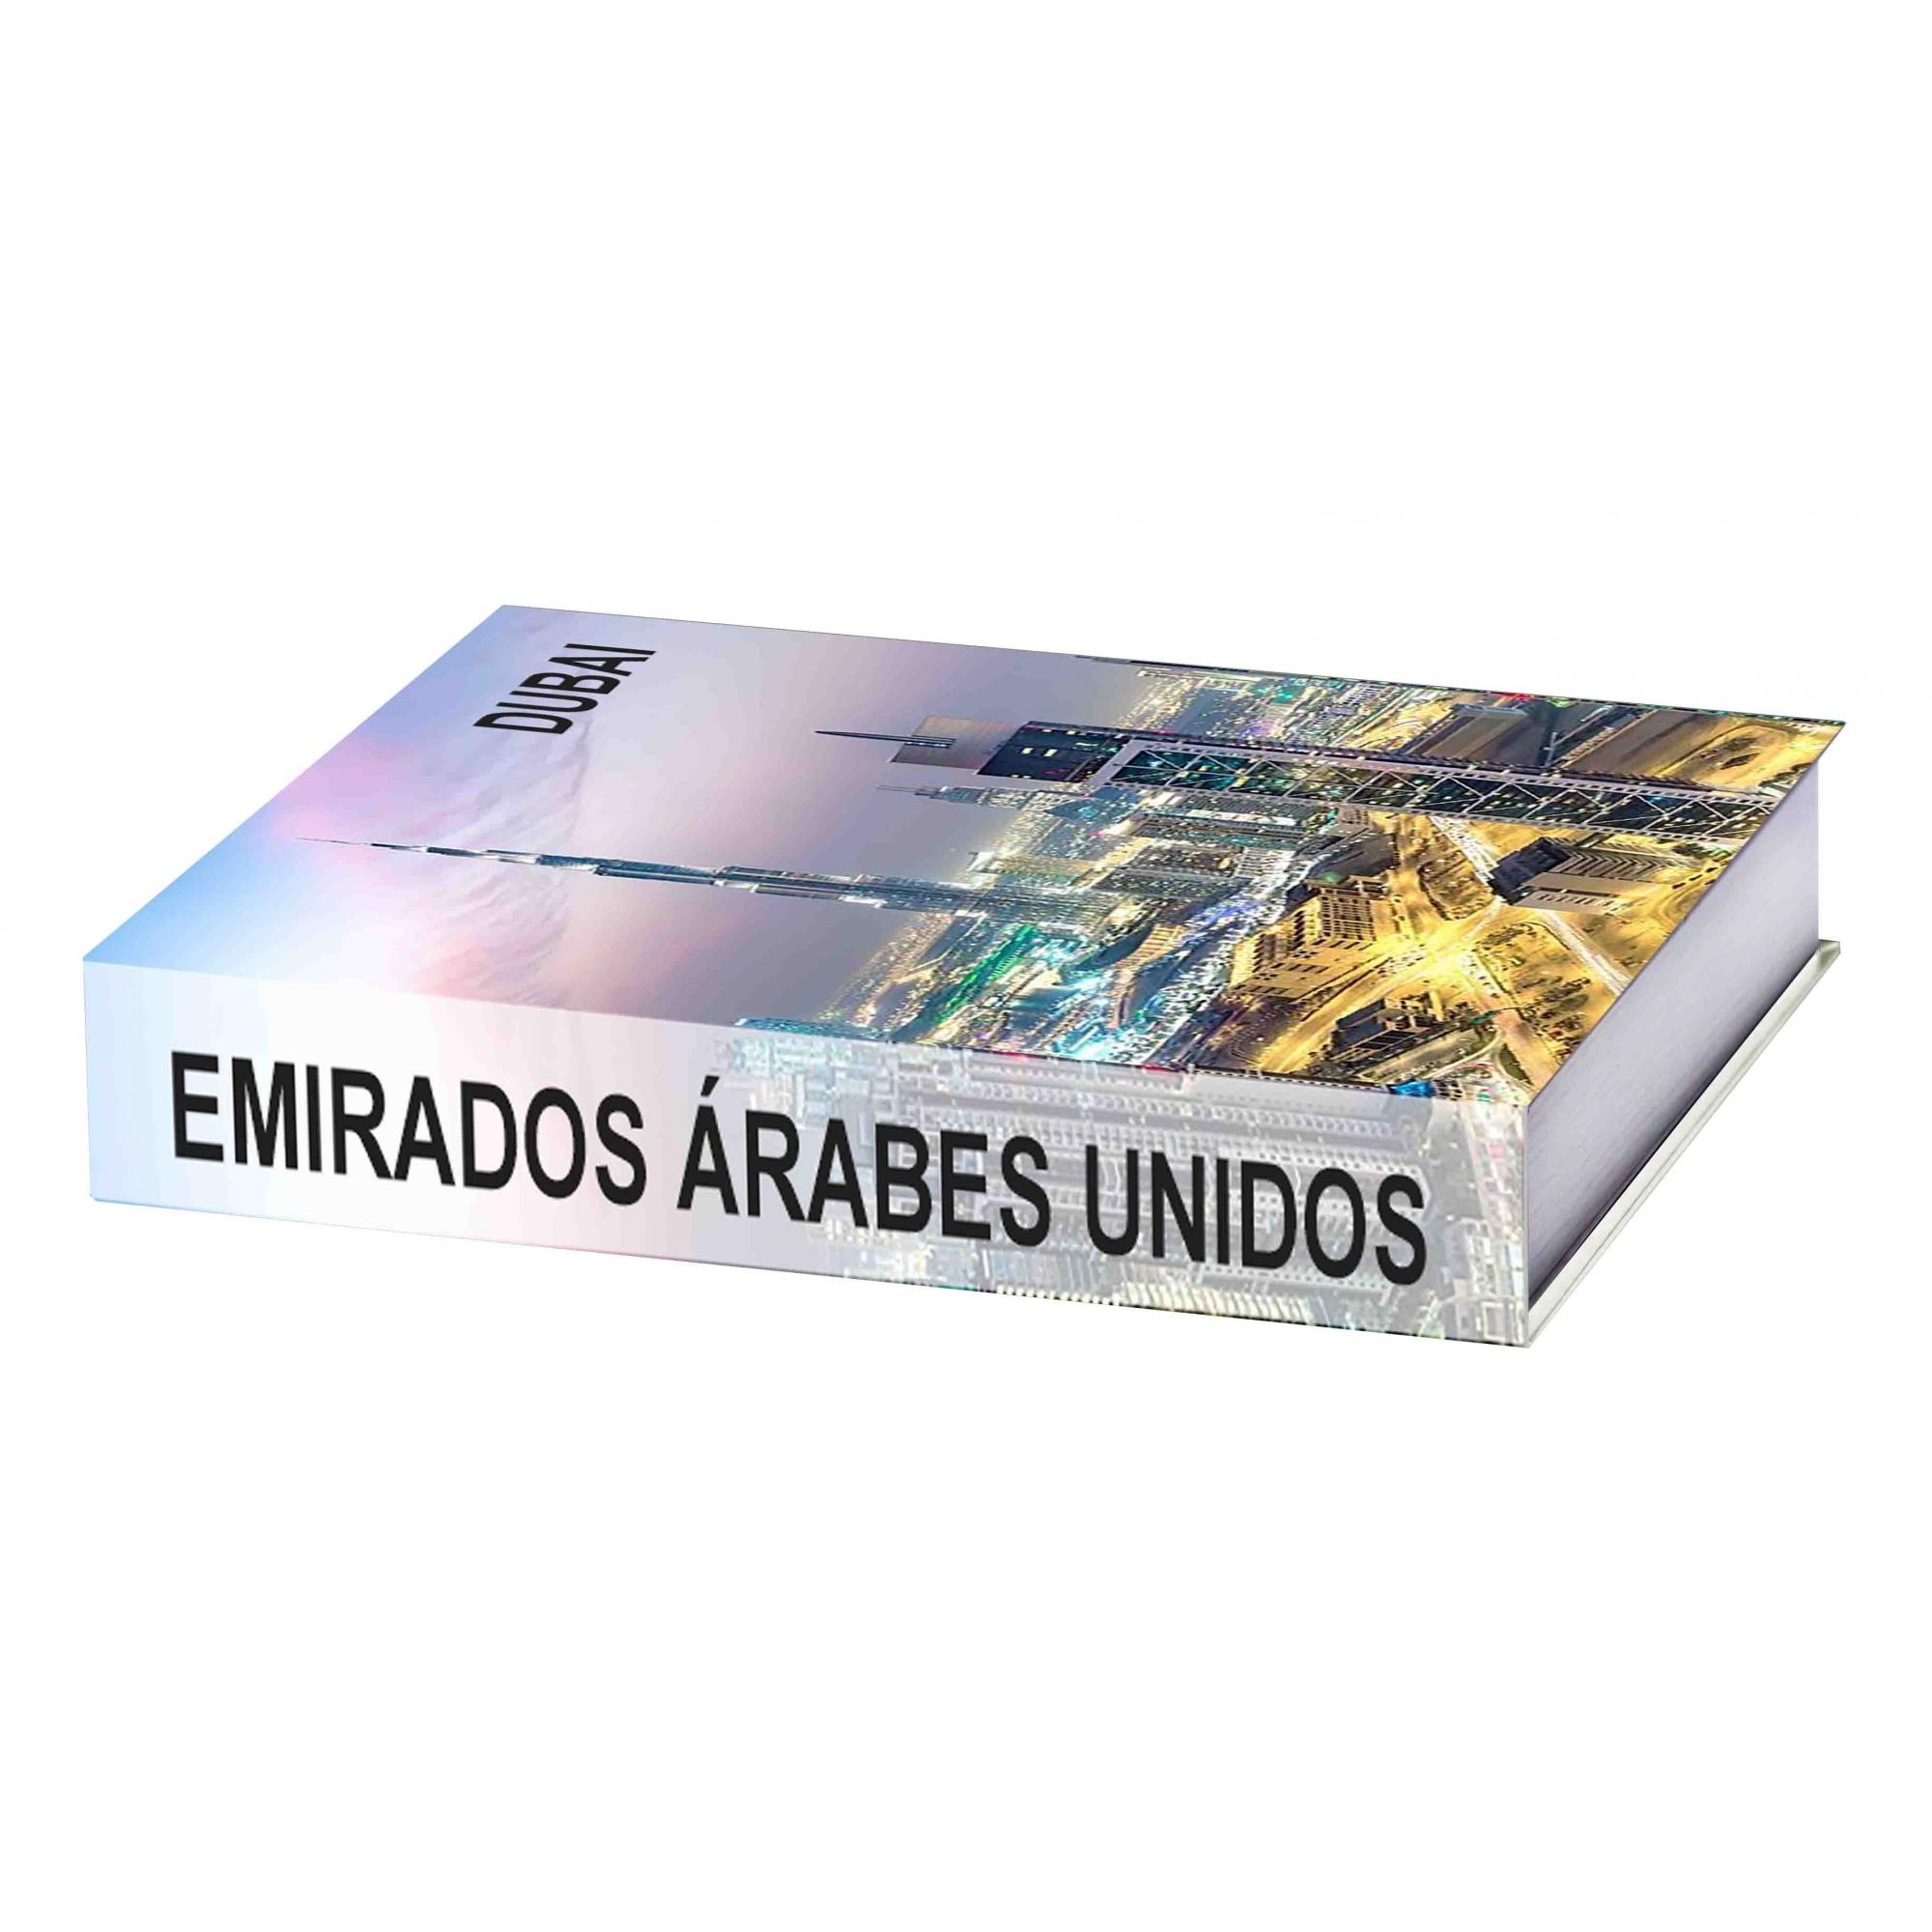 Caixa Livro Emirados Árabes 25X18X4,5cm